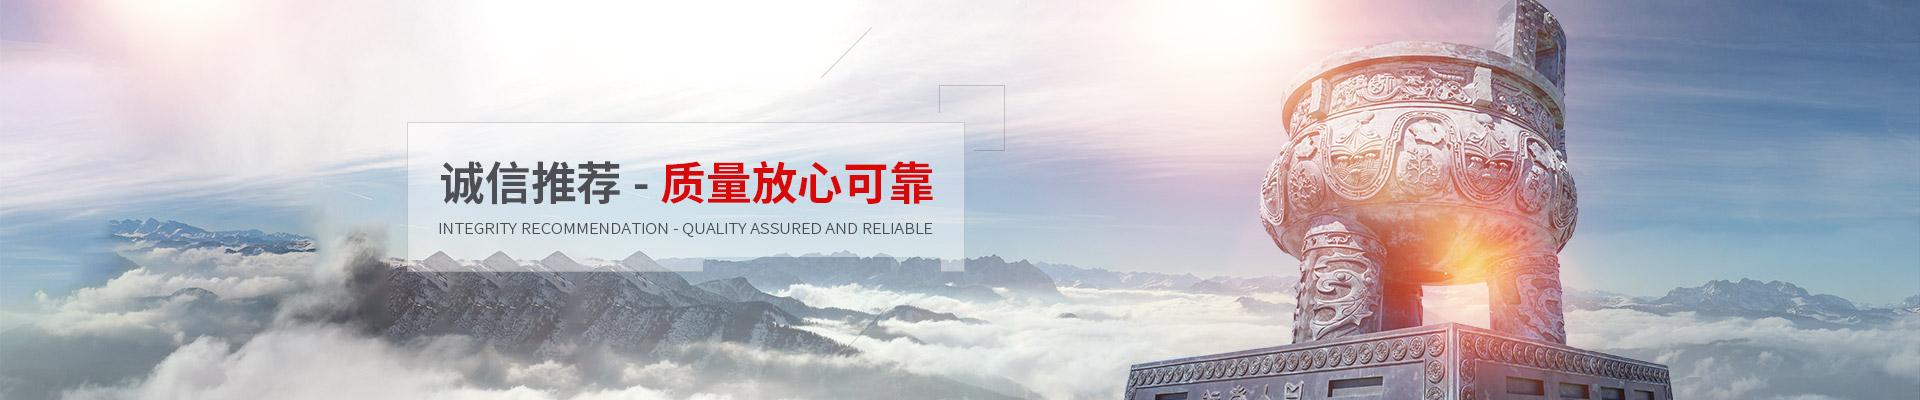 湖南机械计算机有什么「上海冠艺电子科技有限公司」